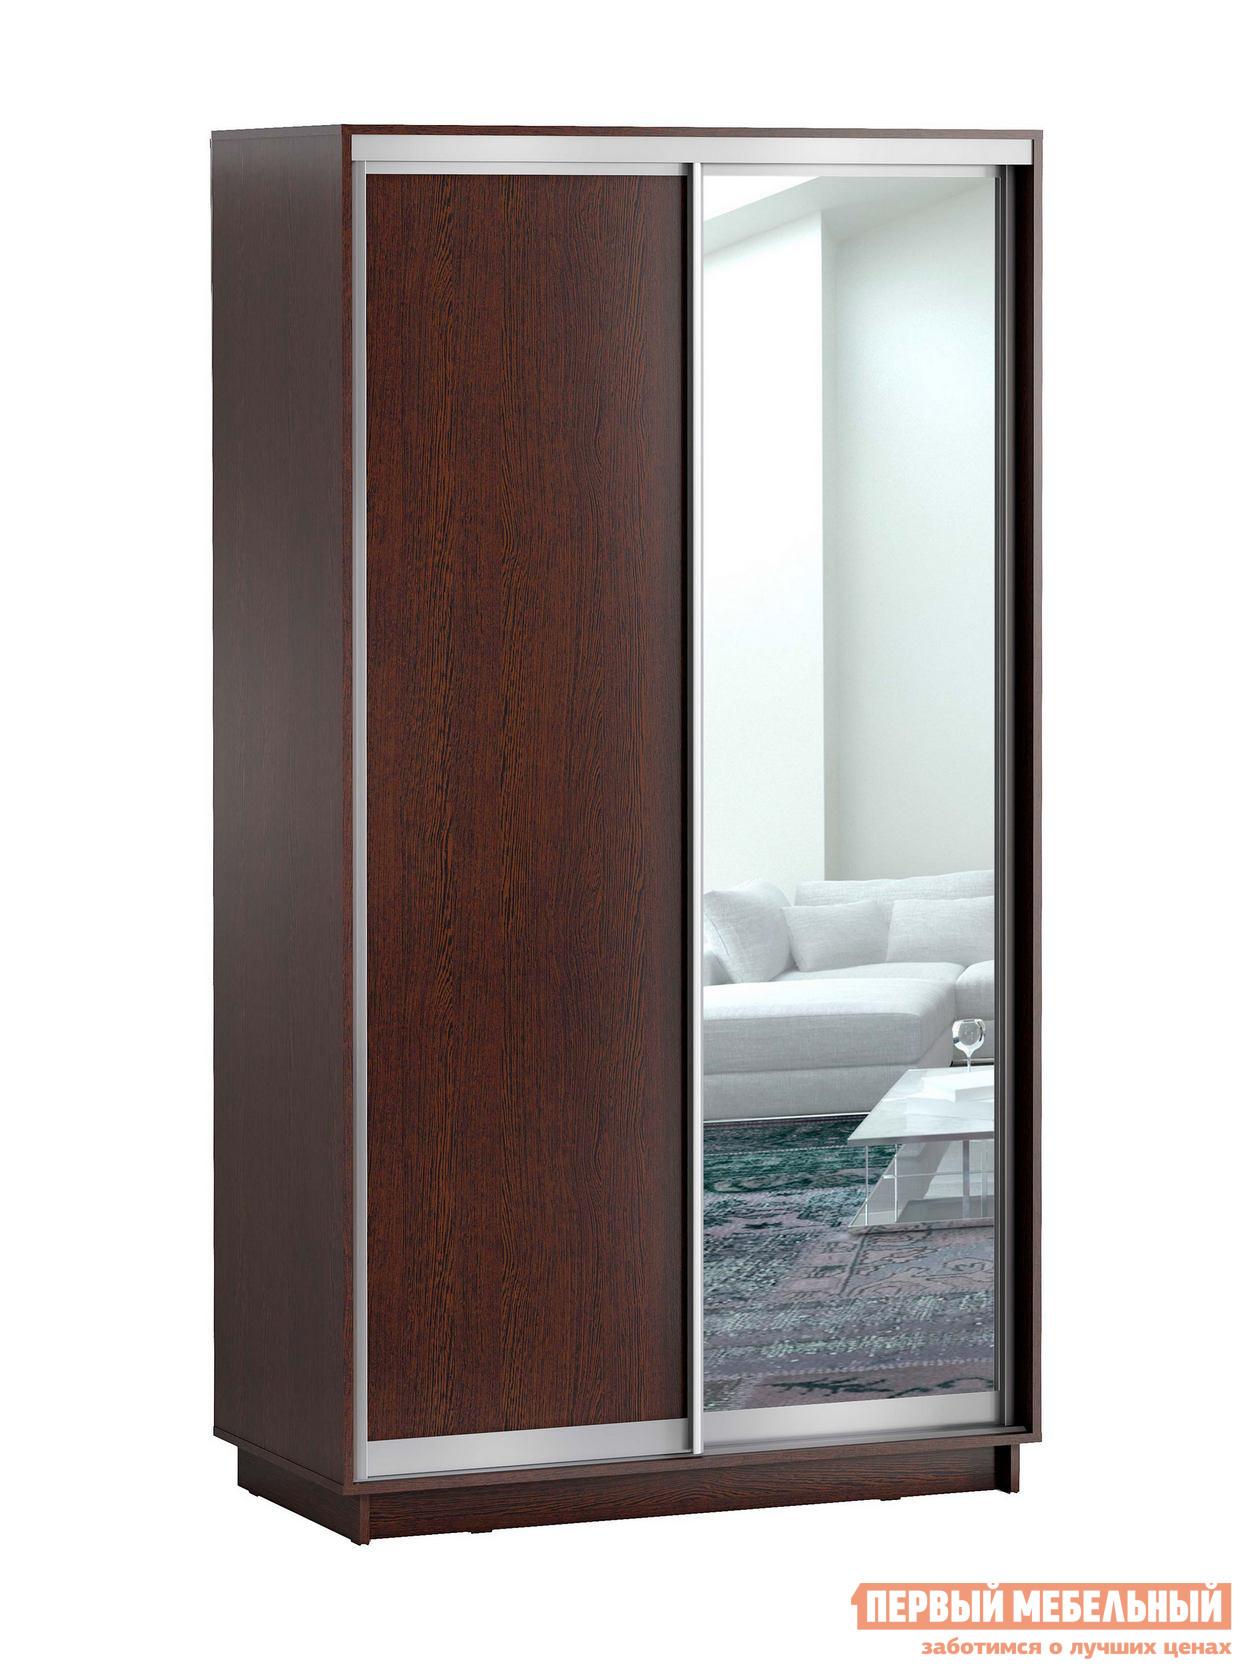 Шкаф-купе Первый Мебельный Шкаф купе Лео 2-х дверный с одним зеркалом